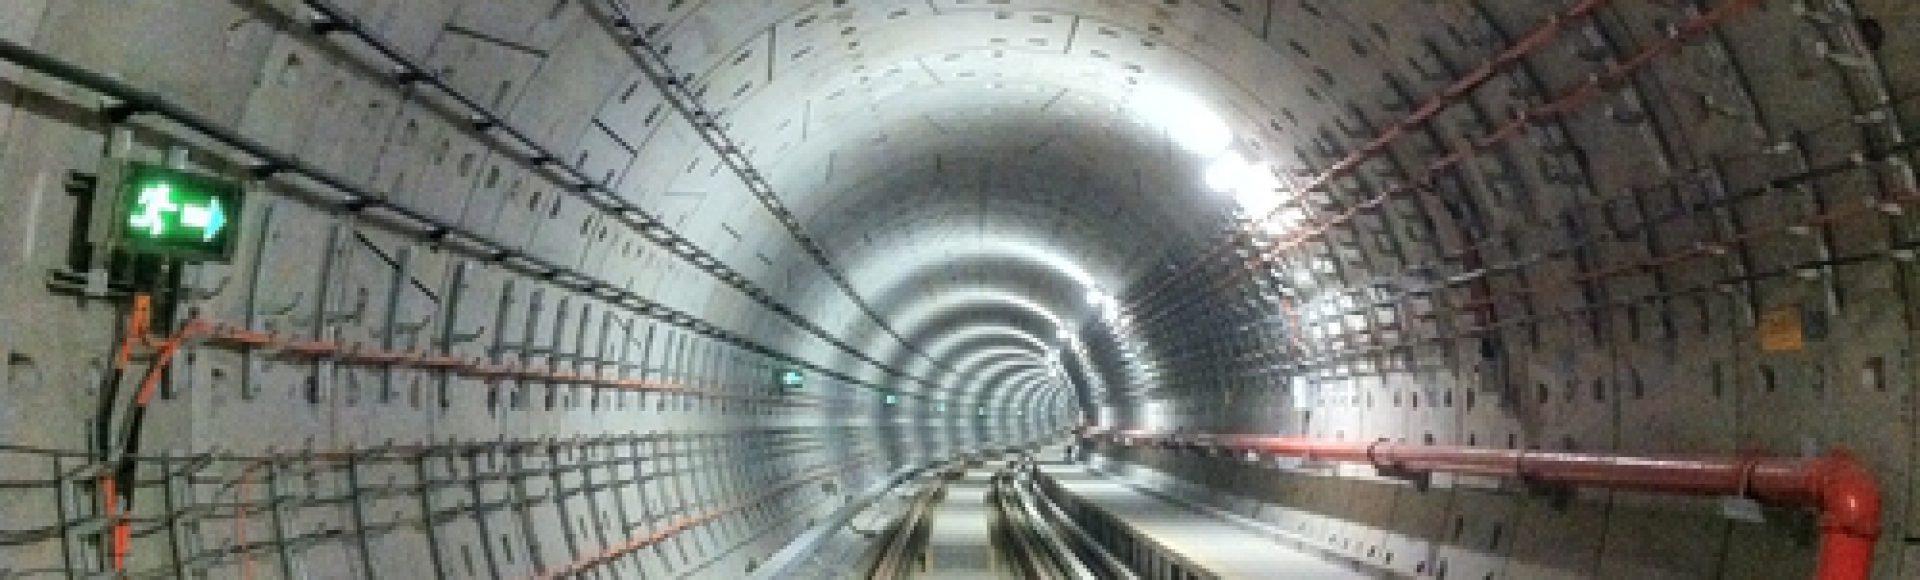 little india mrt tunnel